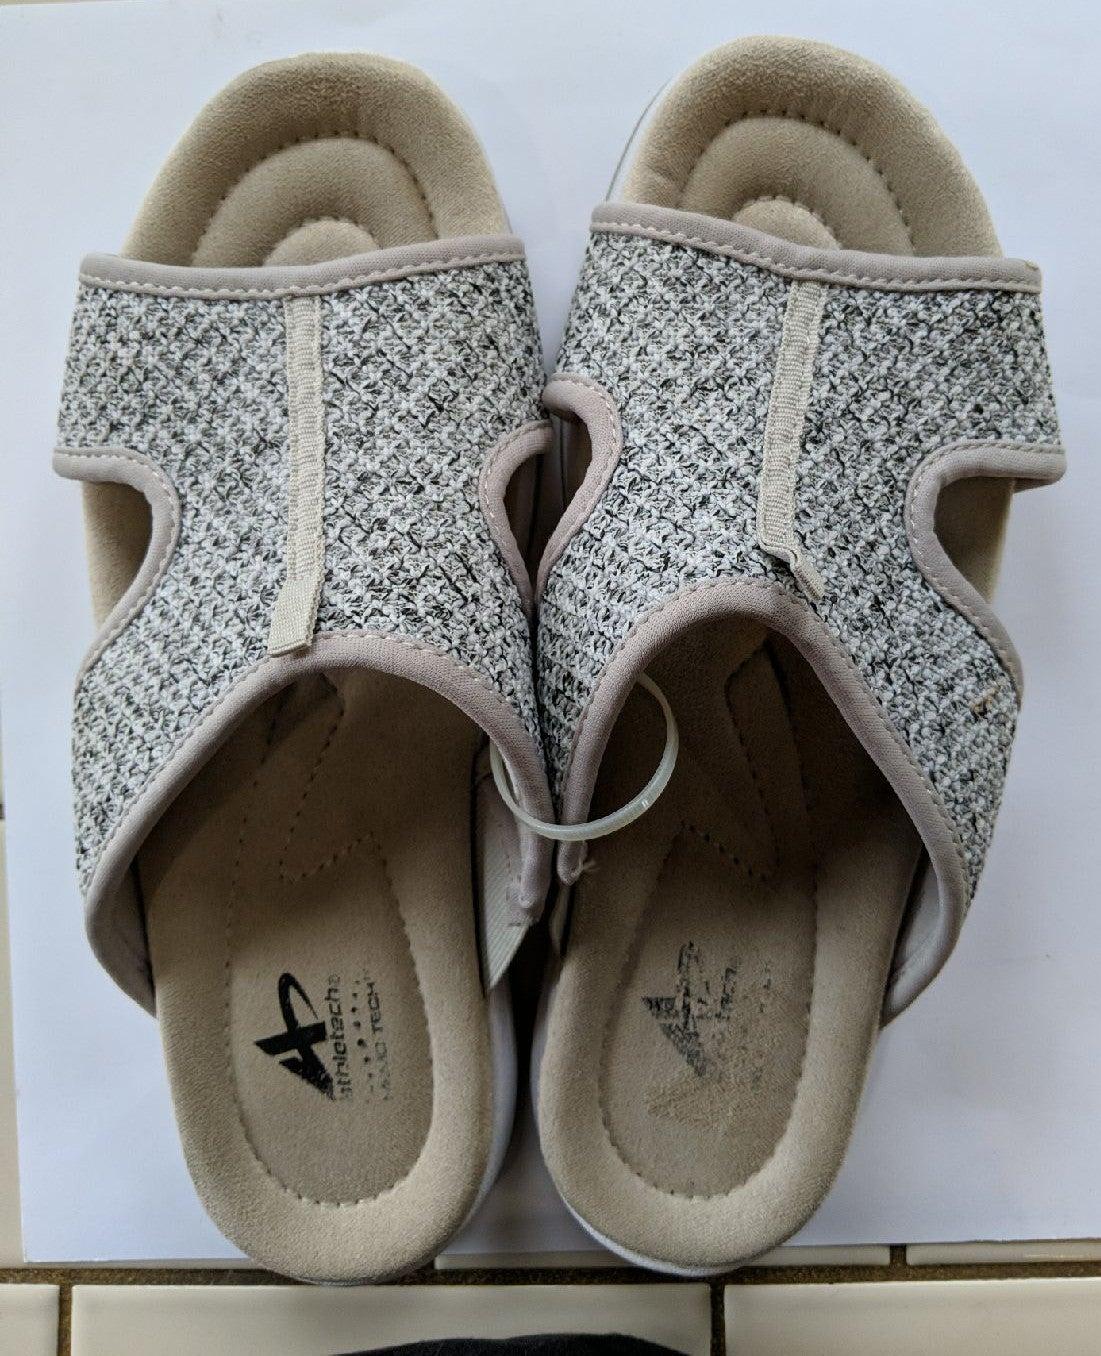 Athletech Sandals | Mercari